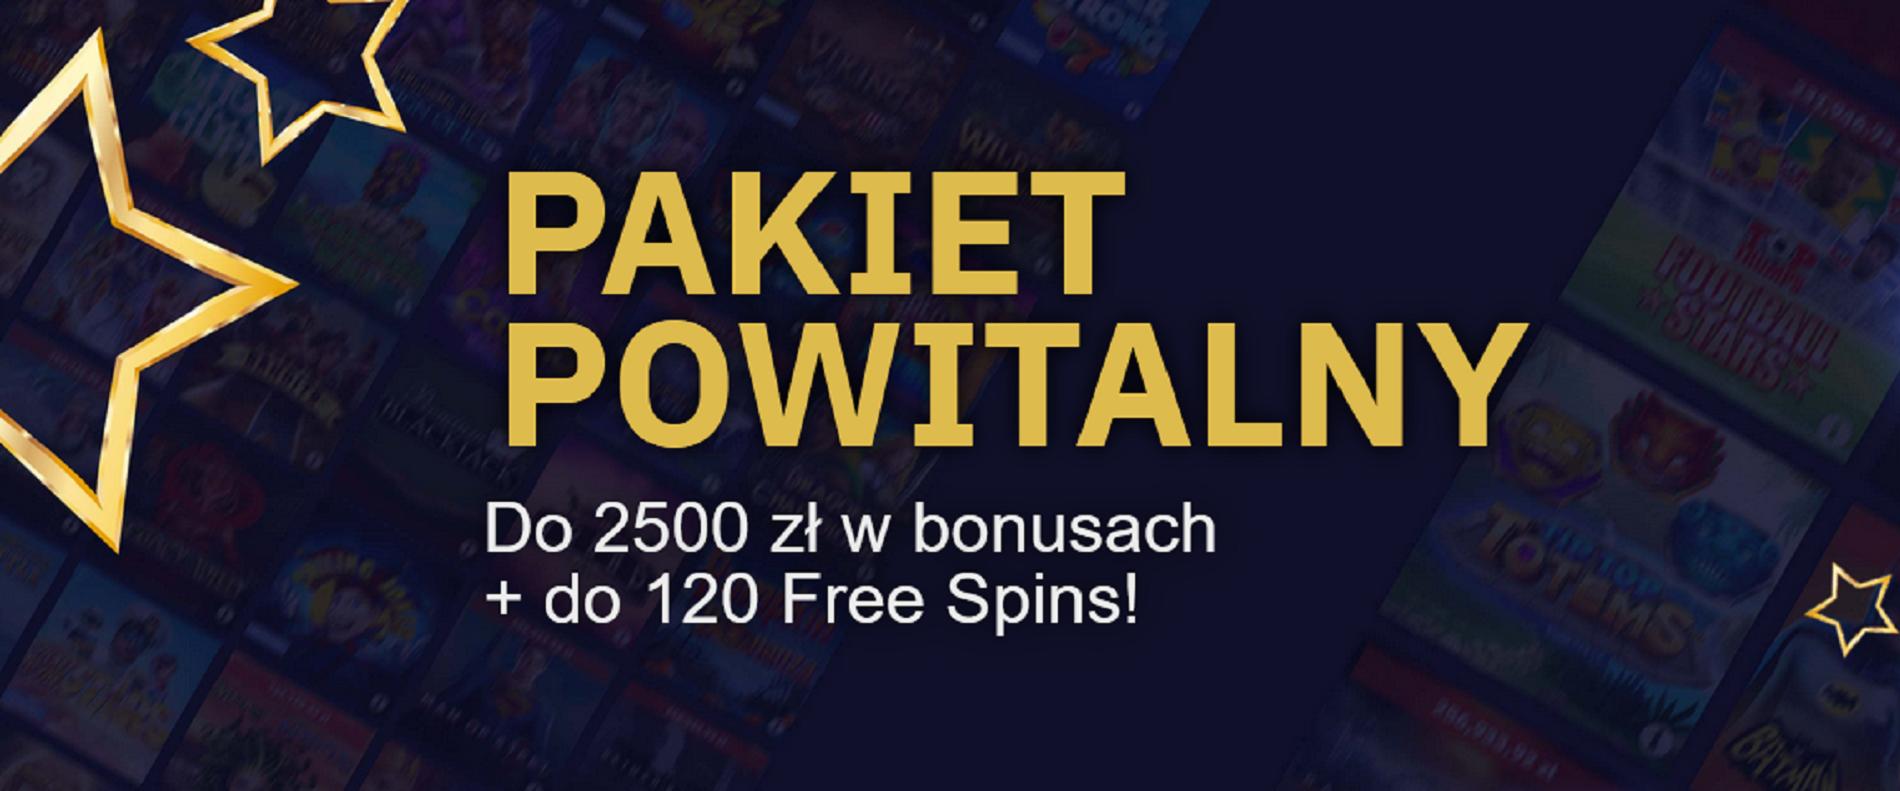 oferta-powitalna-total-casino-1900x800